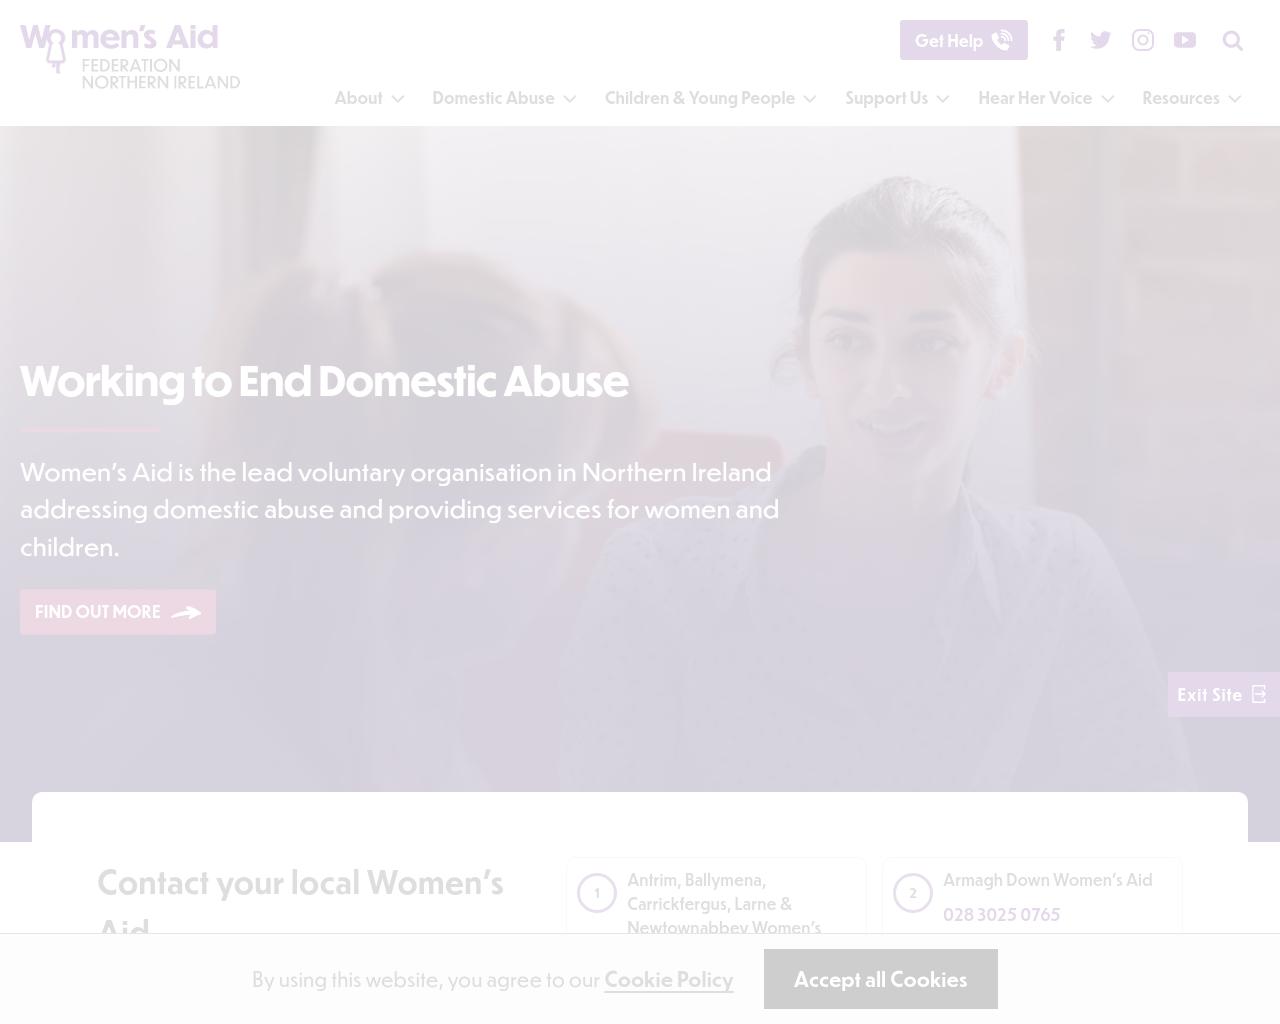 Women's Aid Federation